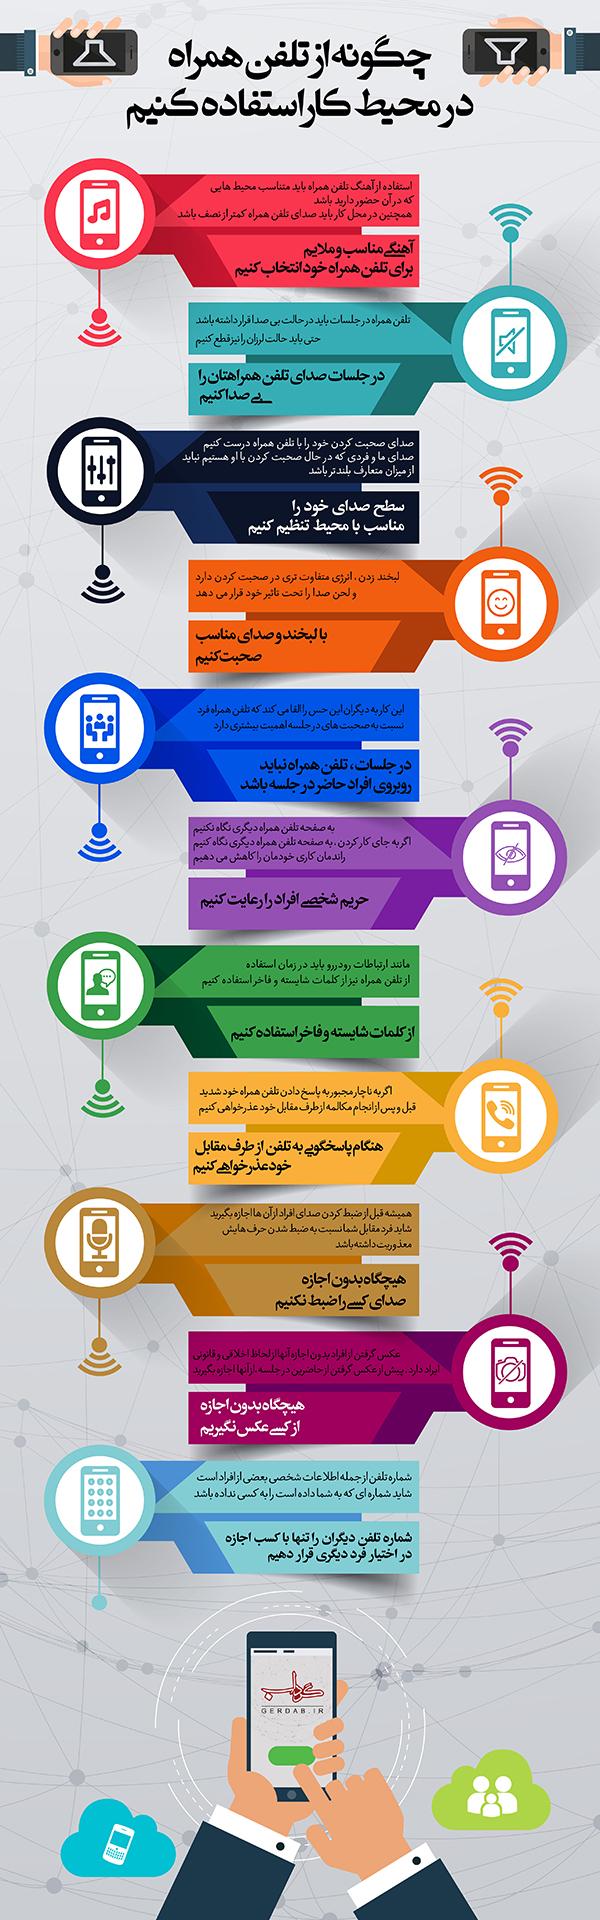 اینفوگرافیک/ چگونه از تلفن همراه در محیط کار استفاده کنیم؟